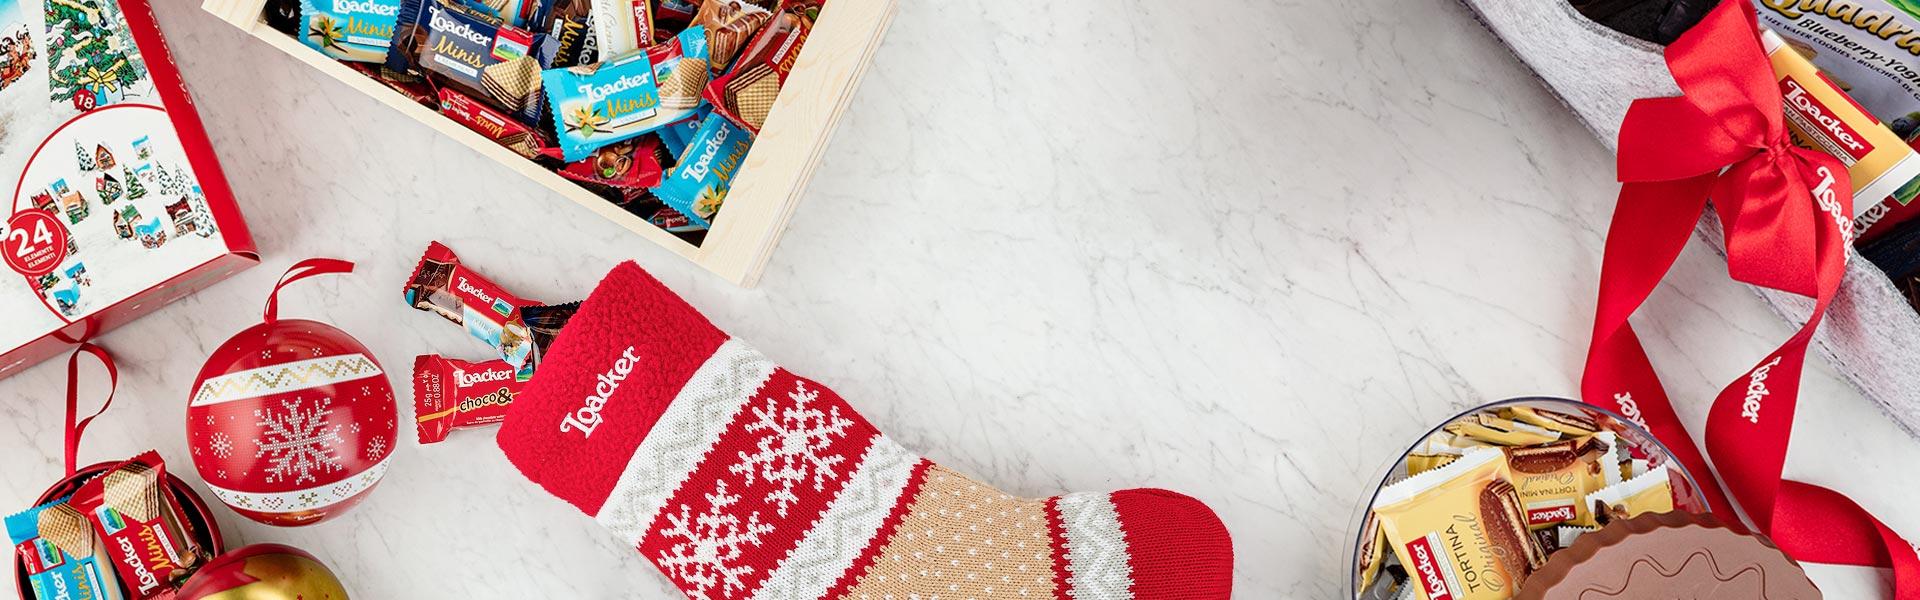 Confezioni speciali e regali per Natale